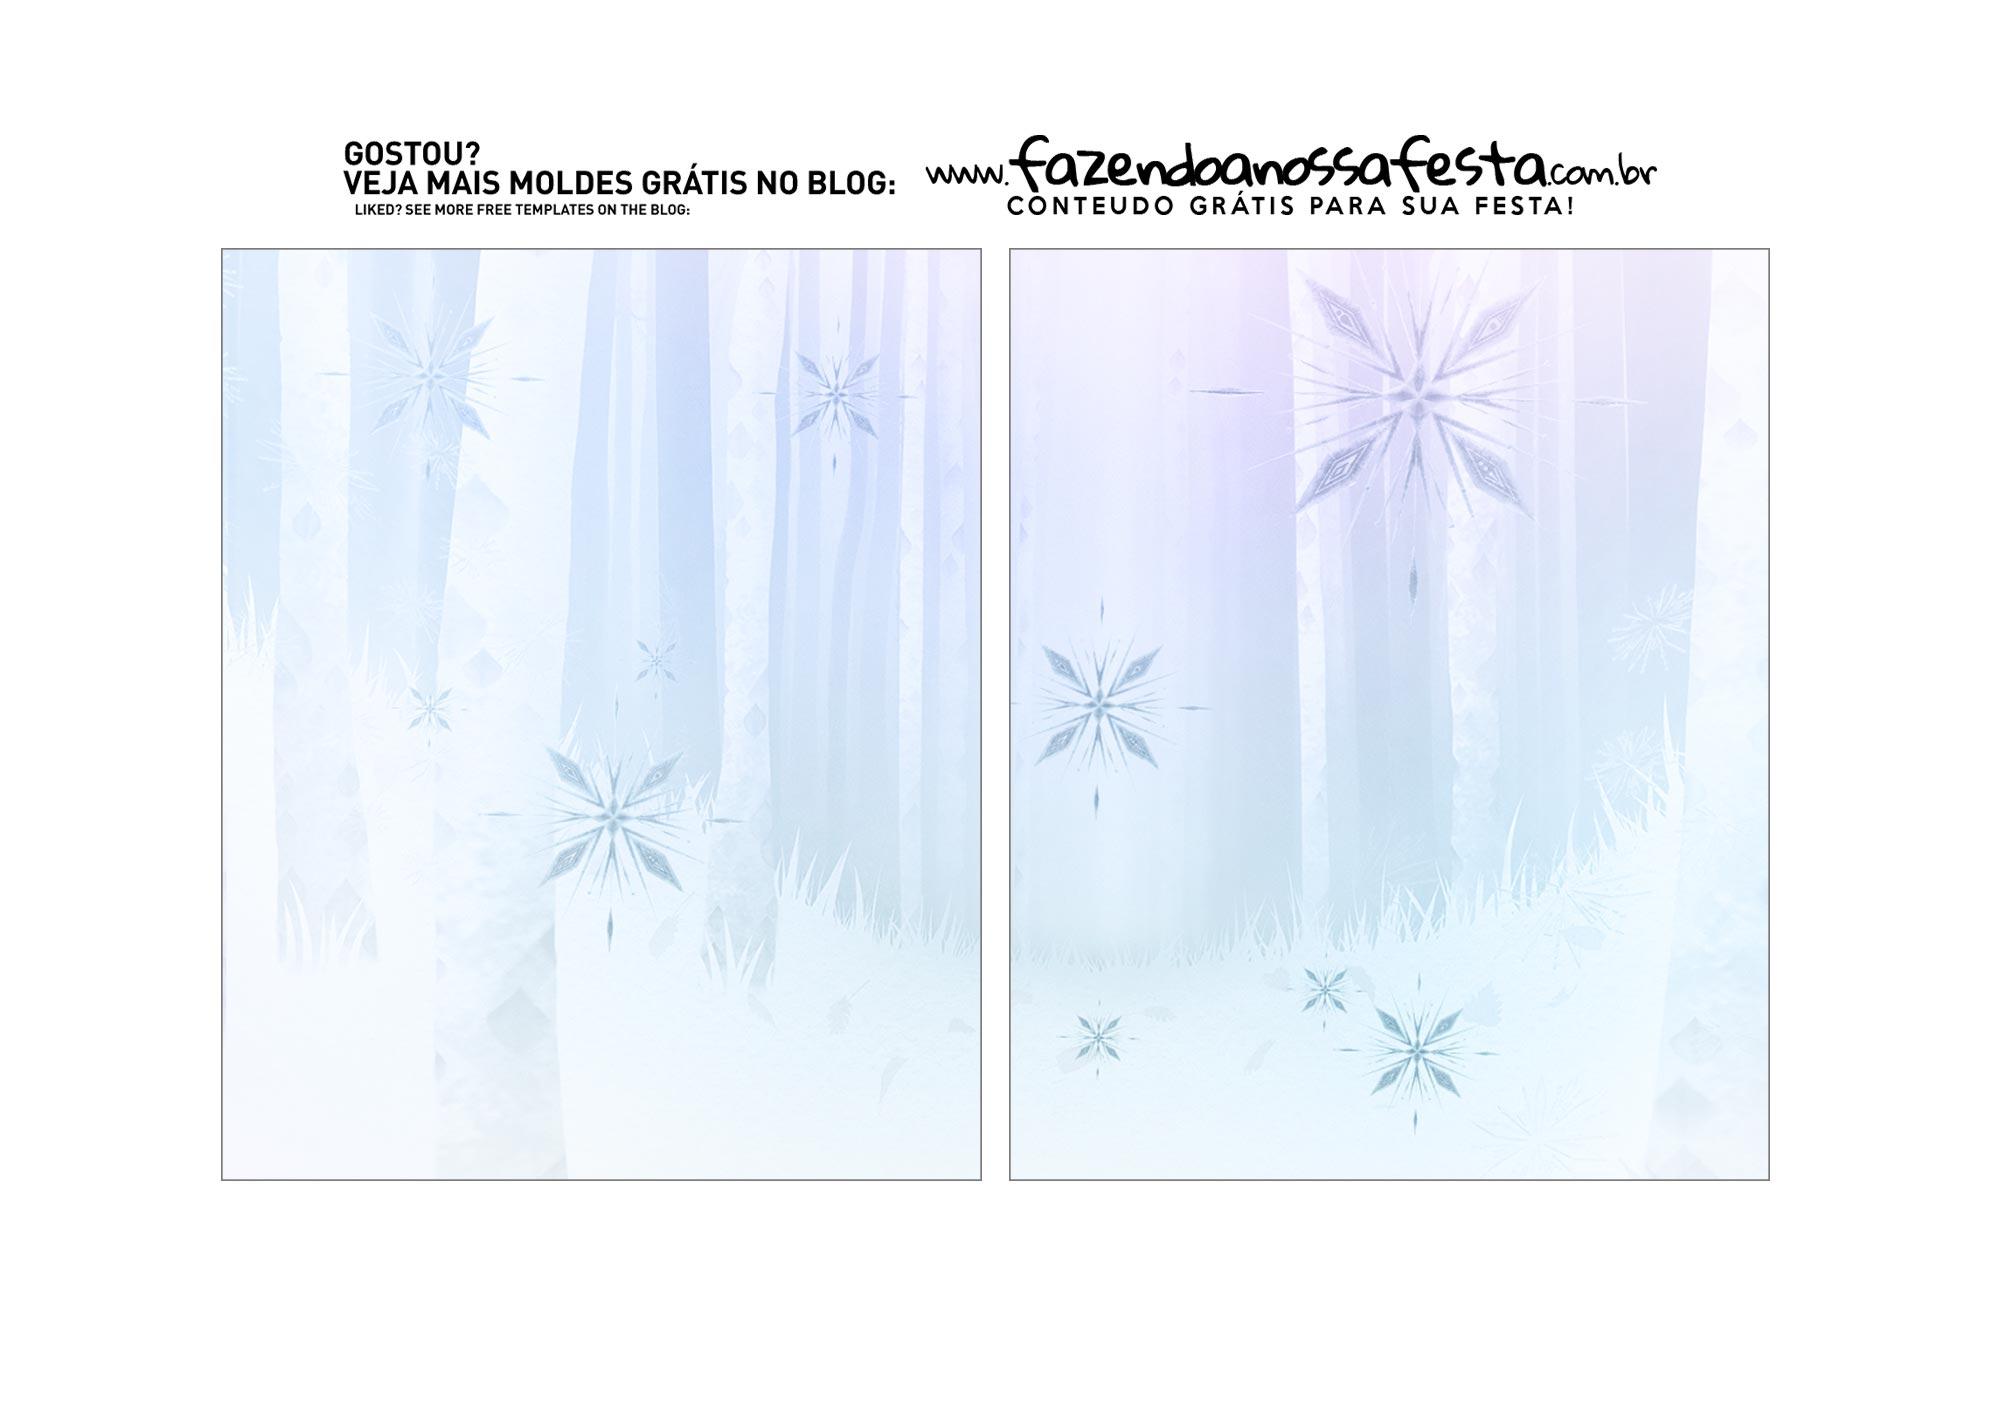 Caixa Explosao Mini Confeiteiro Frozen 2 parte 3